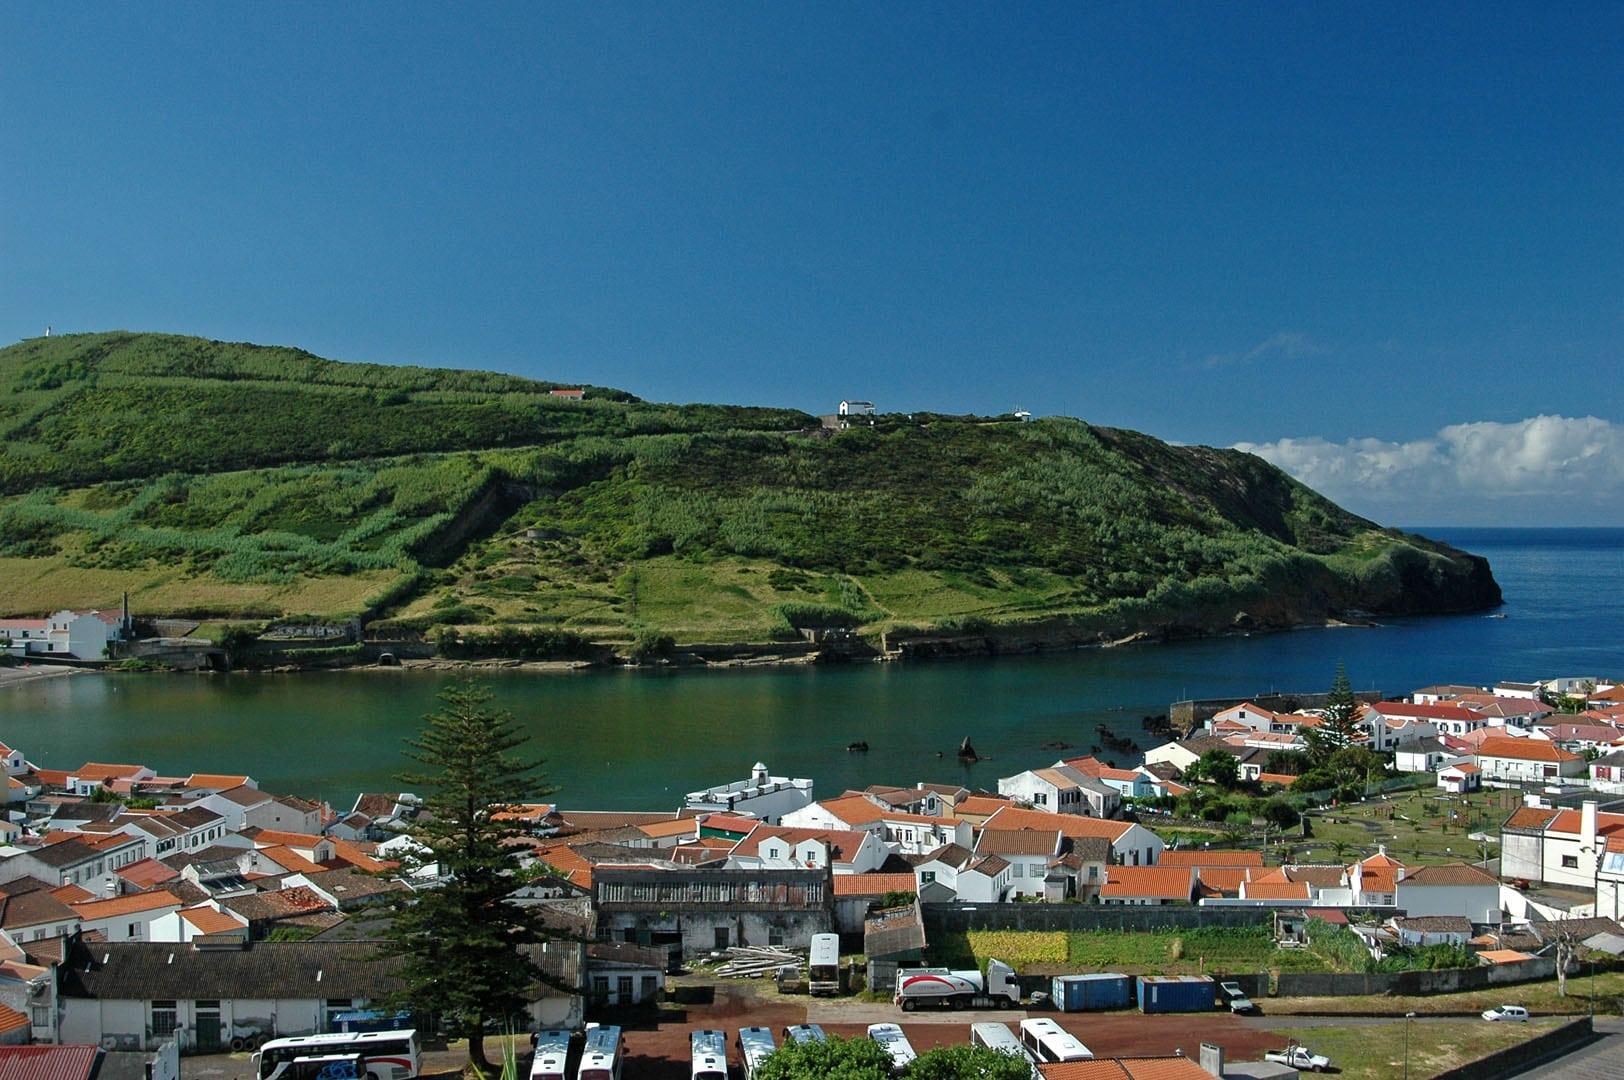 Monte da Guia, Ilha do Faial - Açores